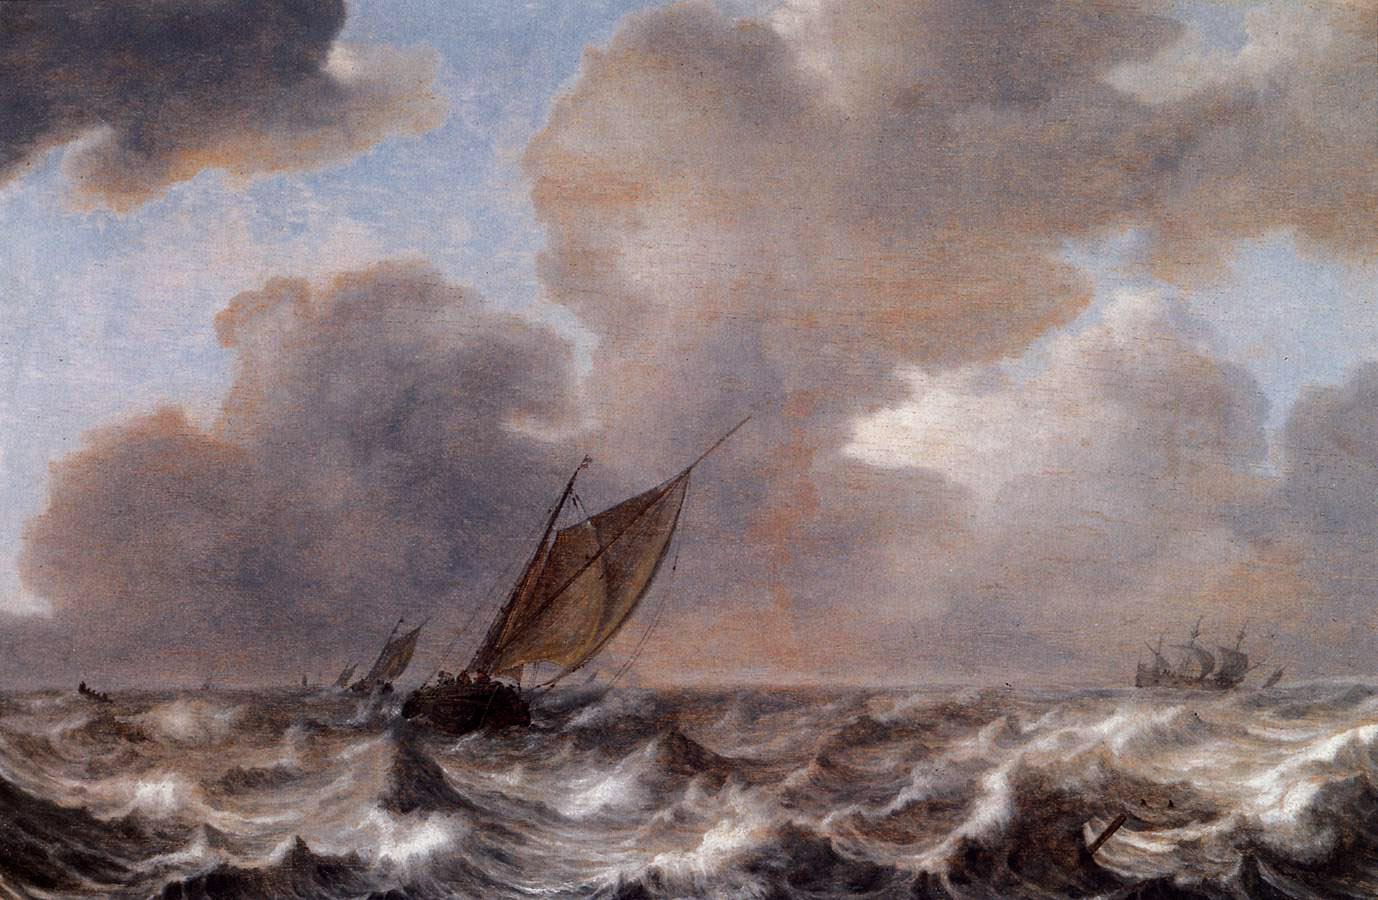 Vessels_in_a_Strong_Wind_1630_Jan_Porcel